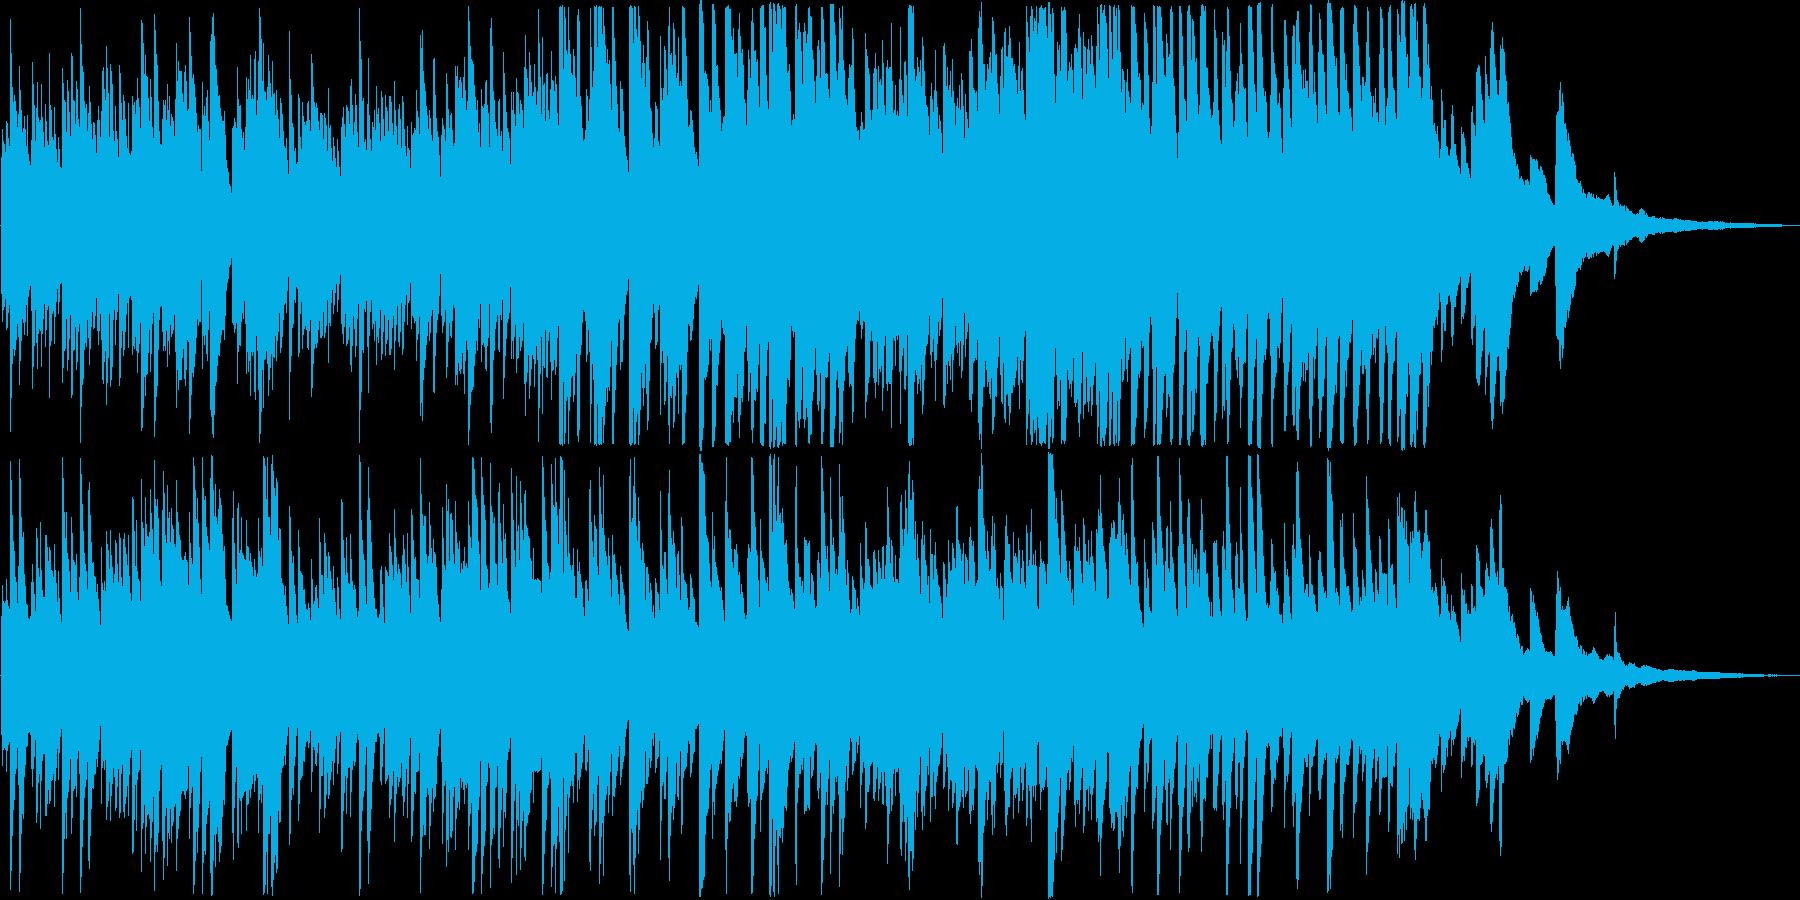 明るいコンセプトムービー向けピアノ曲の再生済みの波形